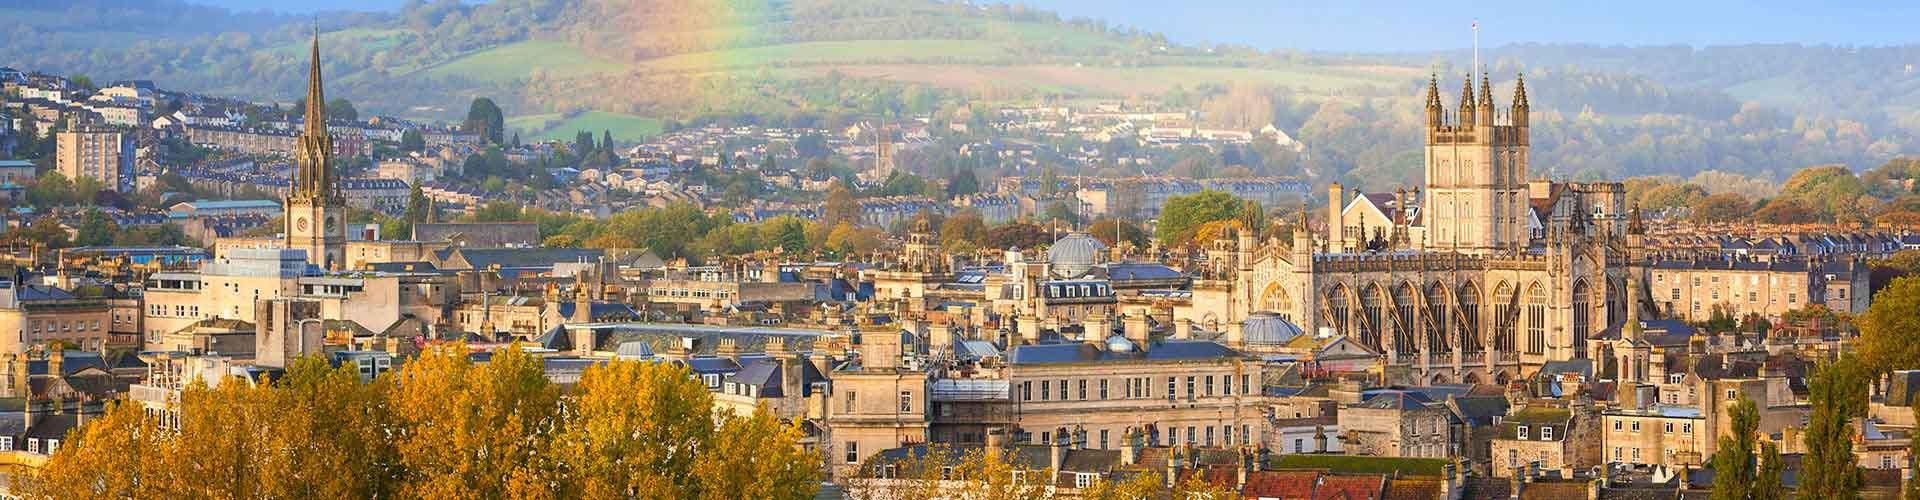 Bath - Lakosztályok Bath. Bath térképek, fotók és ajánlások minden egyes Bath lakosztályról.